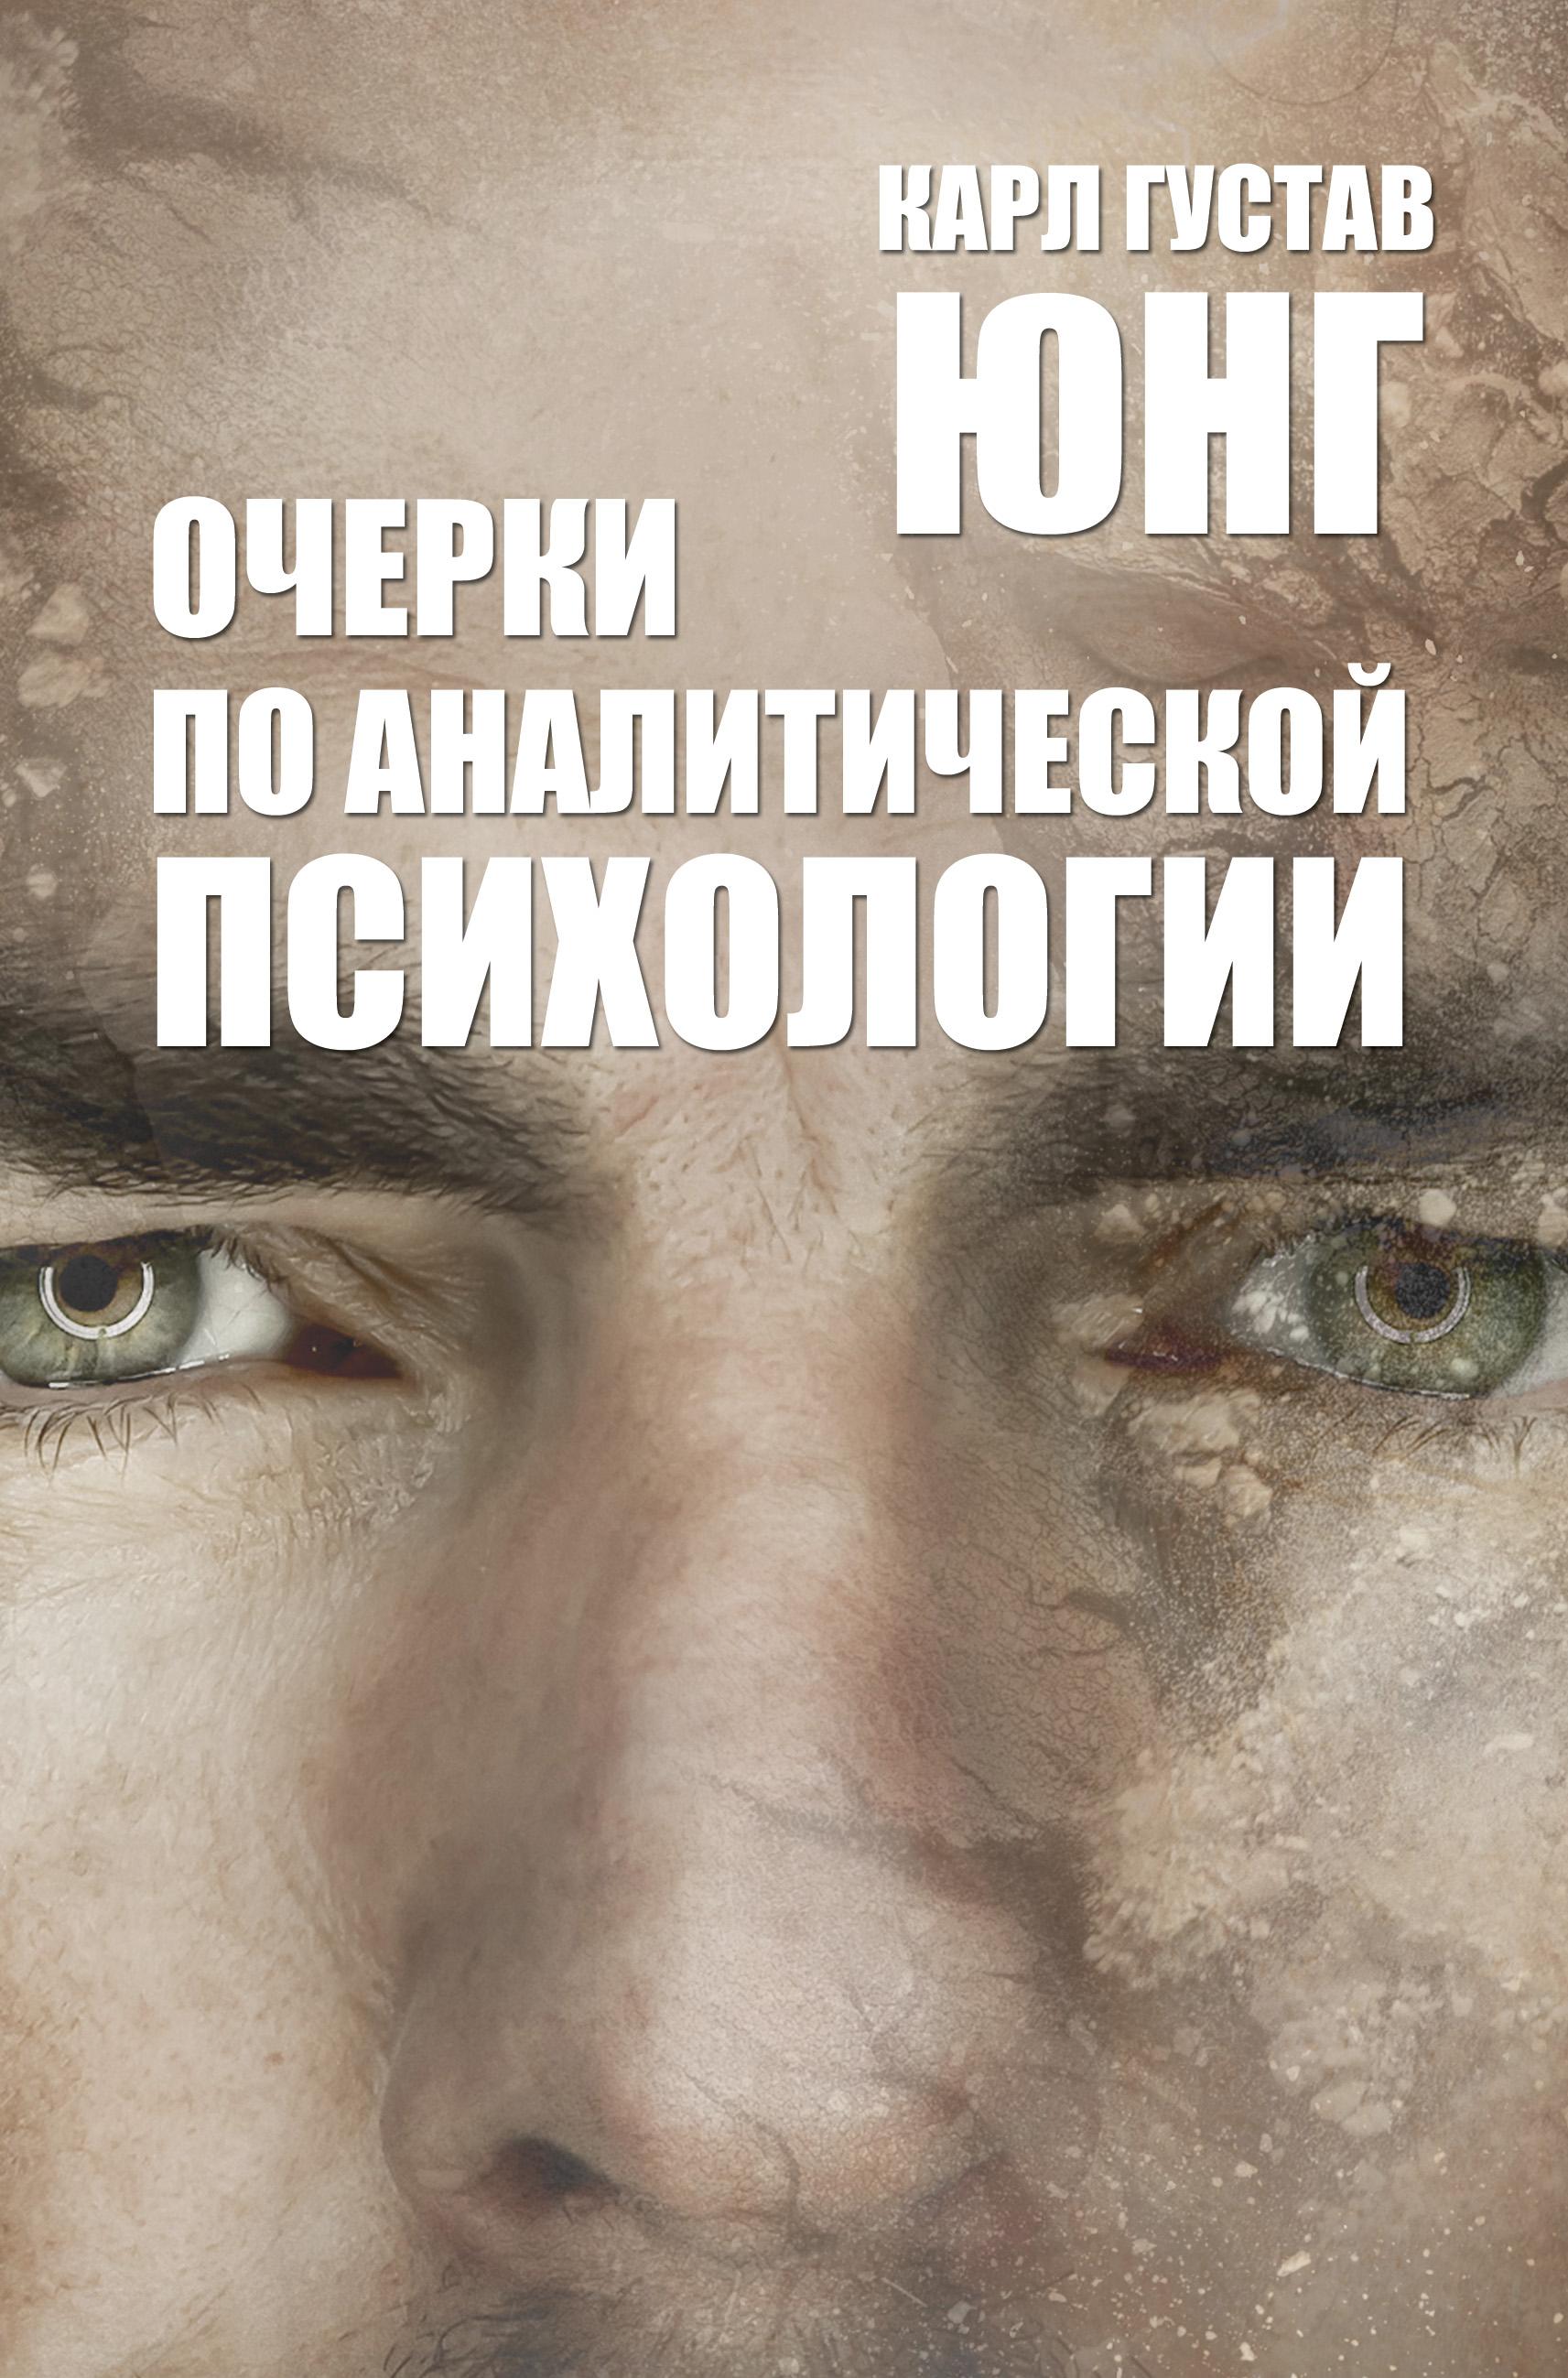 Очерки по аналитической психологии ( Карл Густав Юнг  )